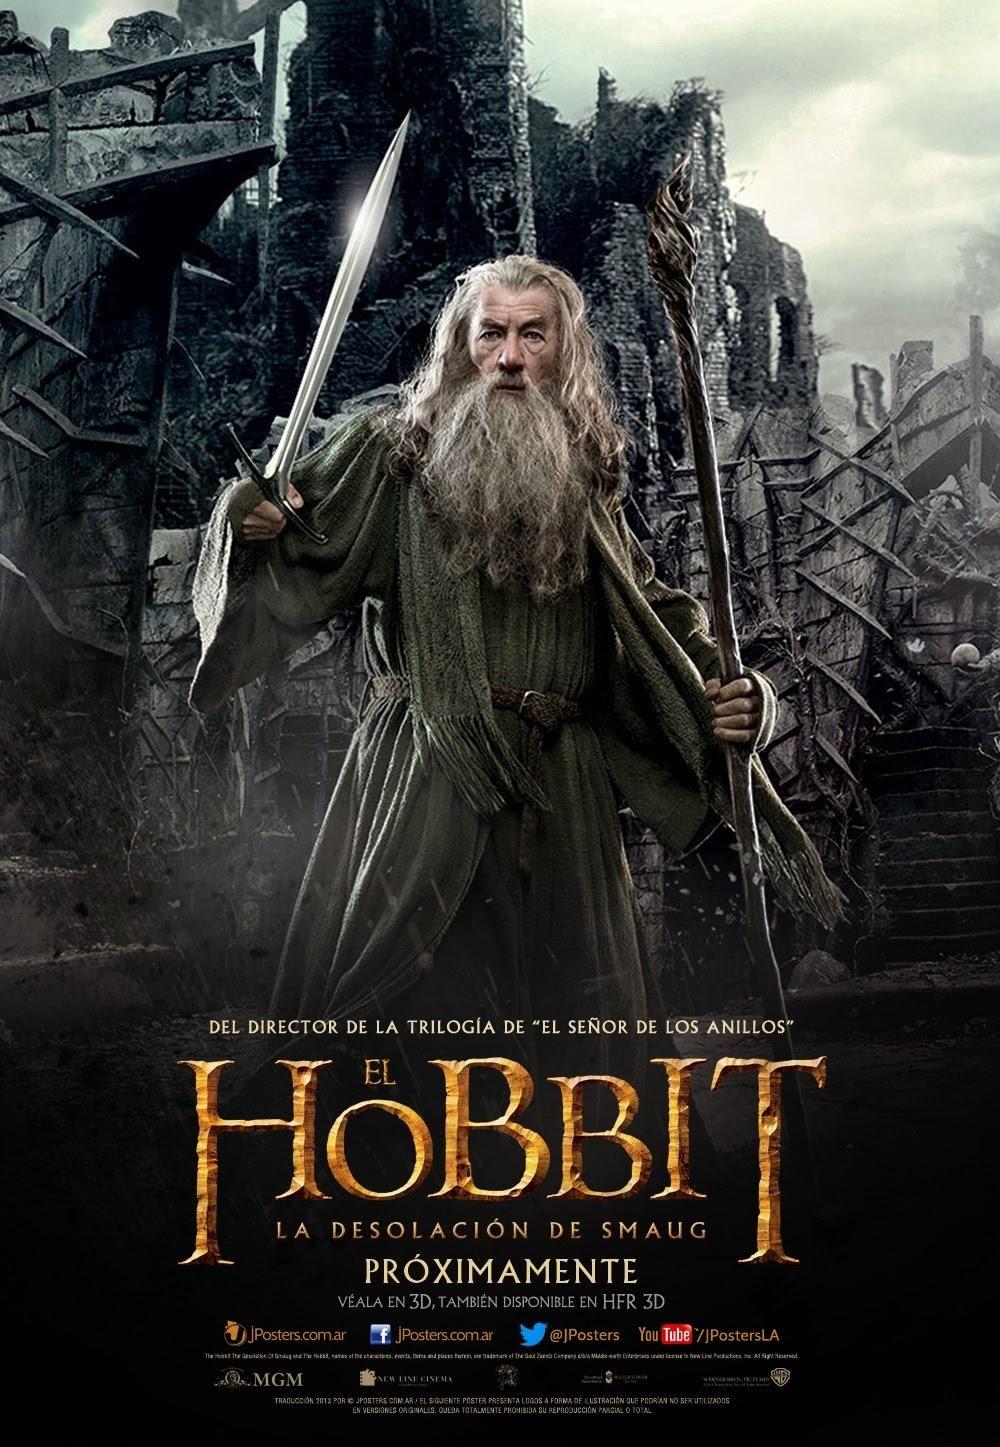 Gandalf Hobbit La Desolación De Smaug El Señor De Los Anillos